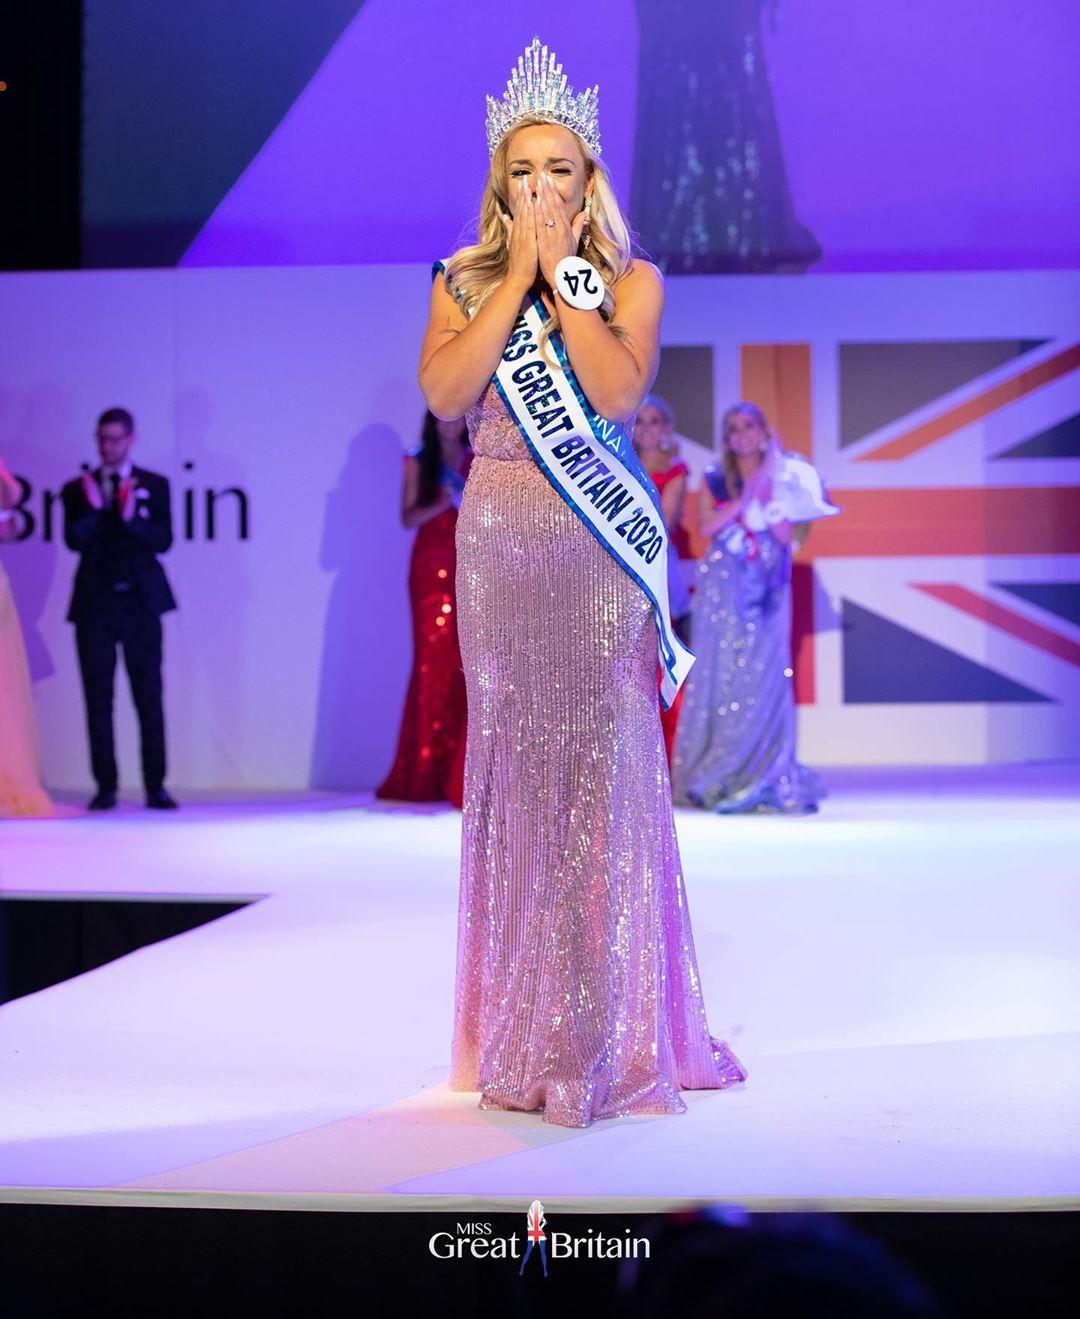 Giảm cân thành công giúp Jen tự tin tham gia nhiều cuộc thi nhan sắc và đăng quang Hoa hậu Anh 2020.